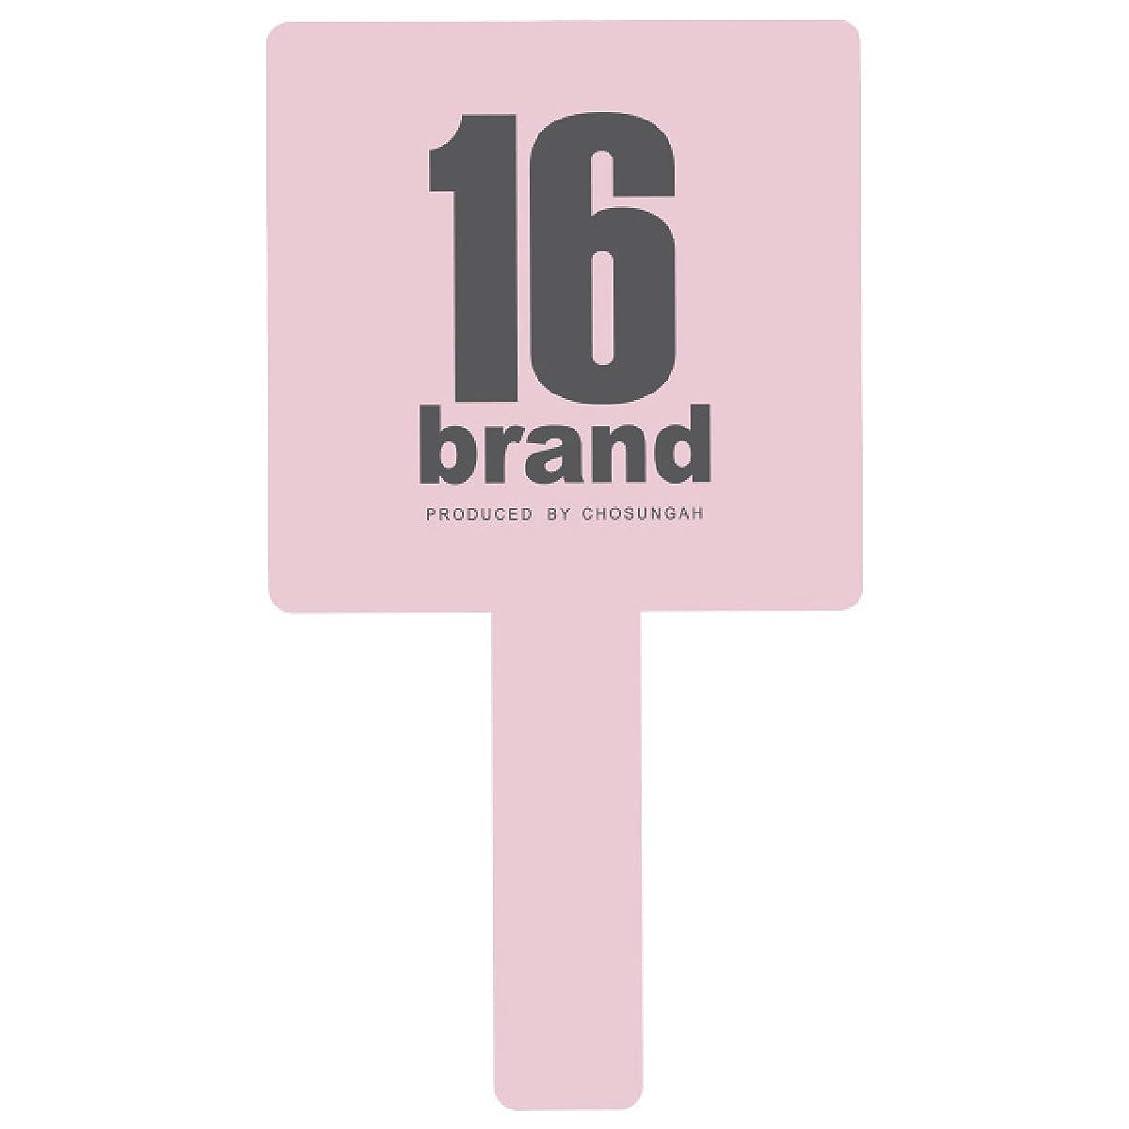 共感する説得冊子16brand(シックスティーンブランド) GANGS HAND MIRROR(ギャングス ハンドミラー) BABY PINK (1個)